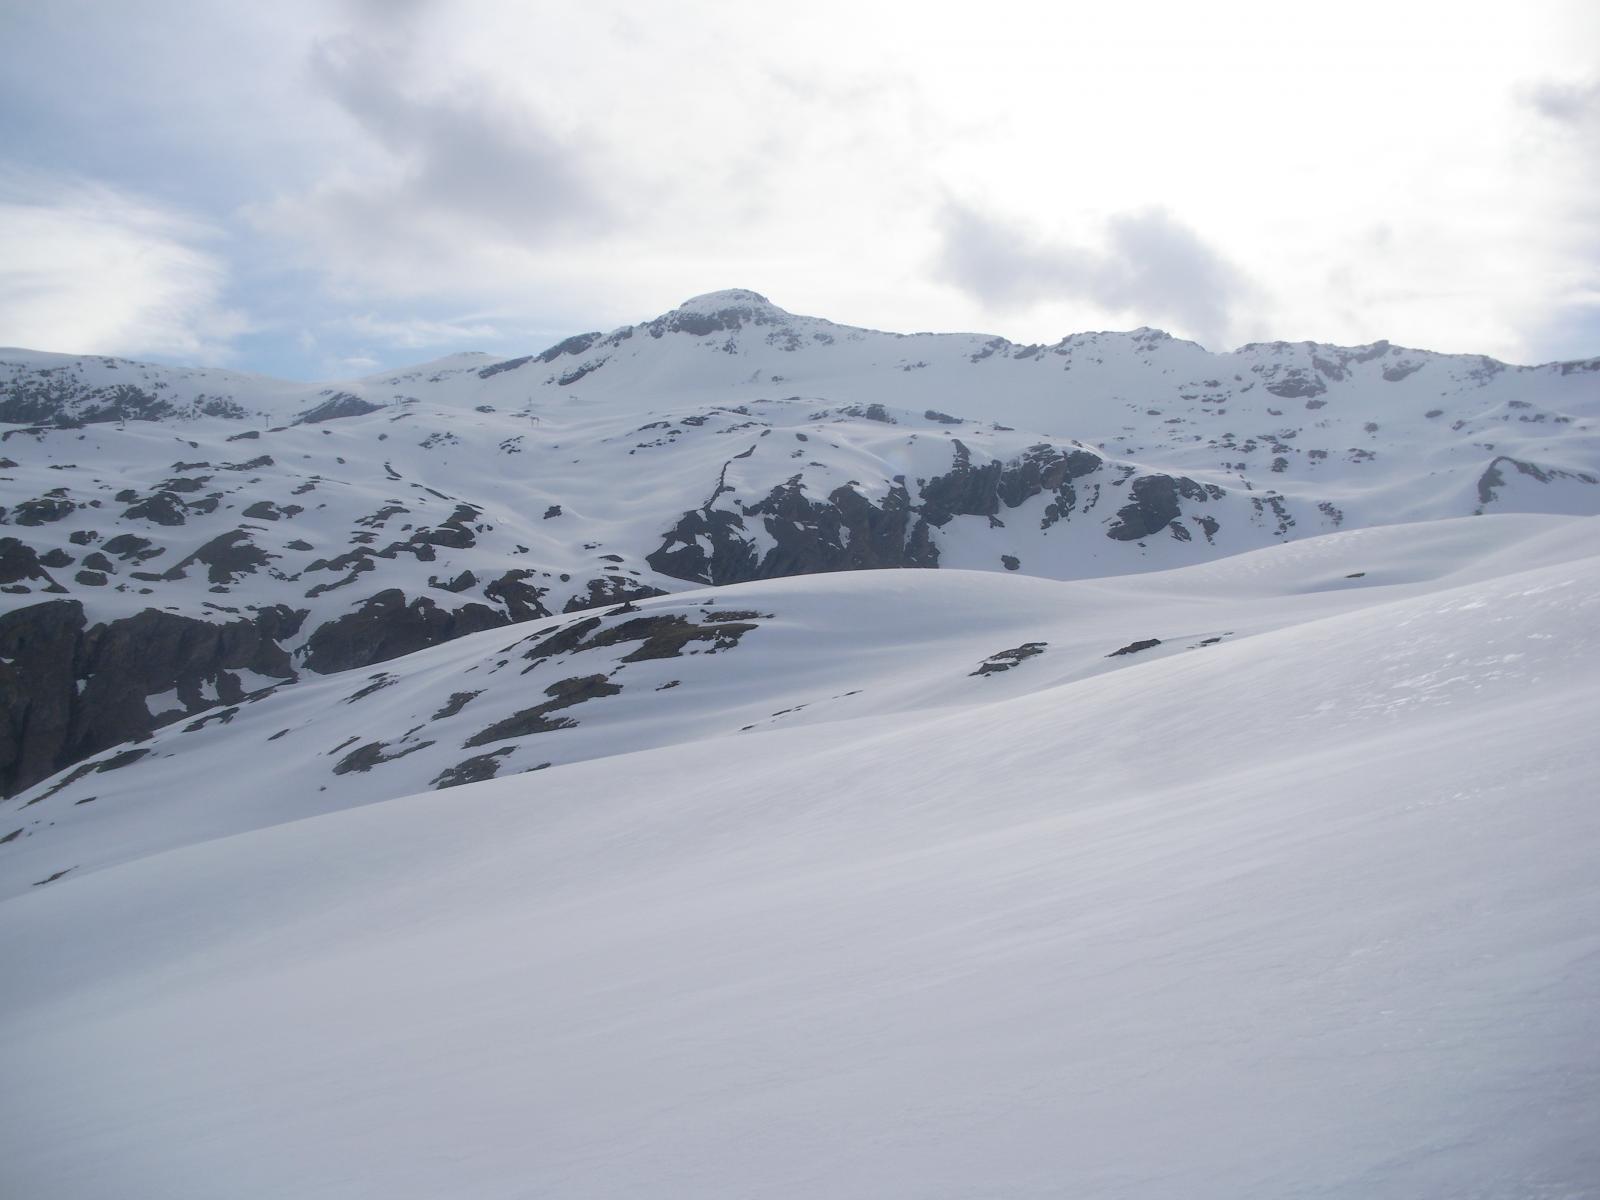 ..salendo alla P.du Montet lontana al fondo..